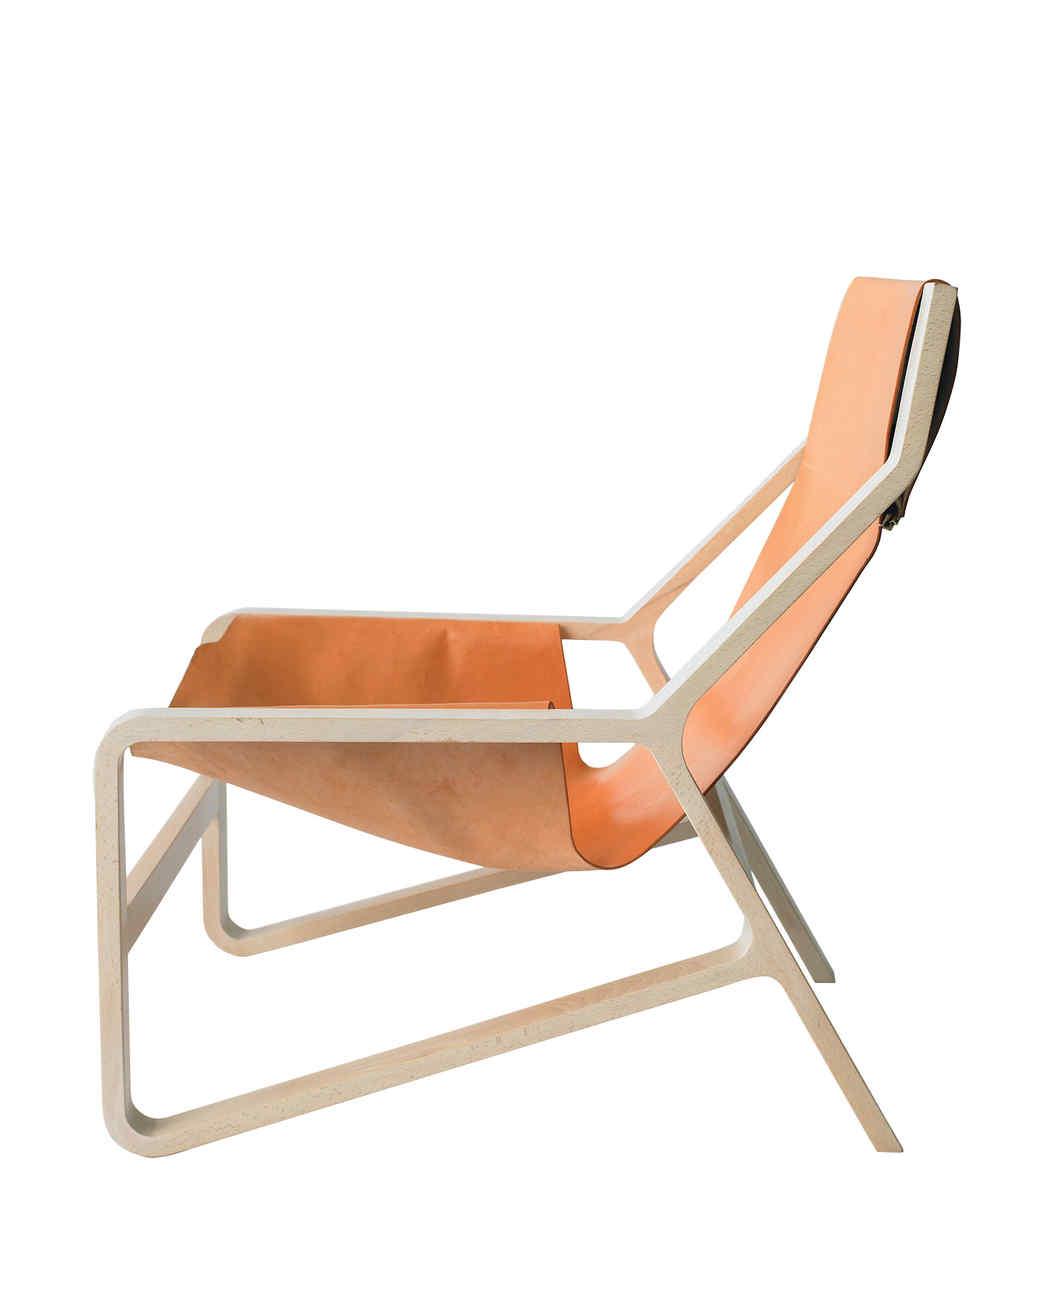 mld106361_1110_chair3.jpg